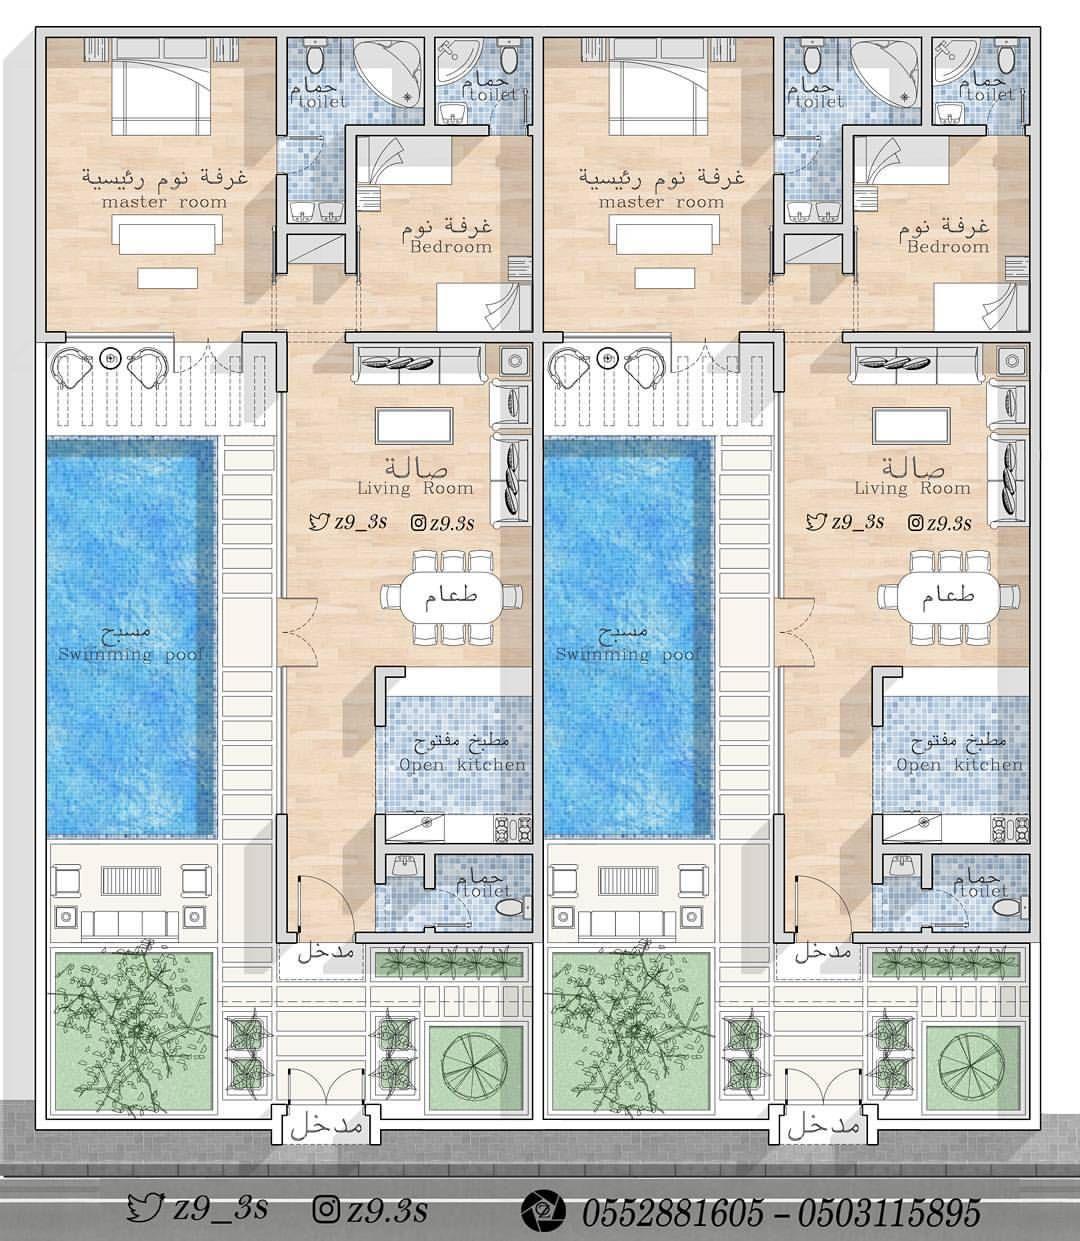 المدينة المنورة مخططات الرياض مخطط الشرقية فلل فيلا كروكي بيت مكة منزل منزلي جازان ابها ا Pool House Plans Floor Plans Architectural House Plans